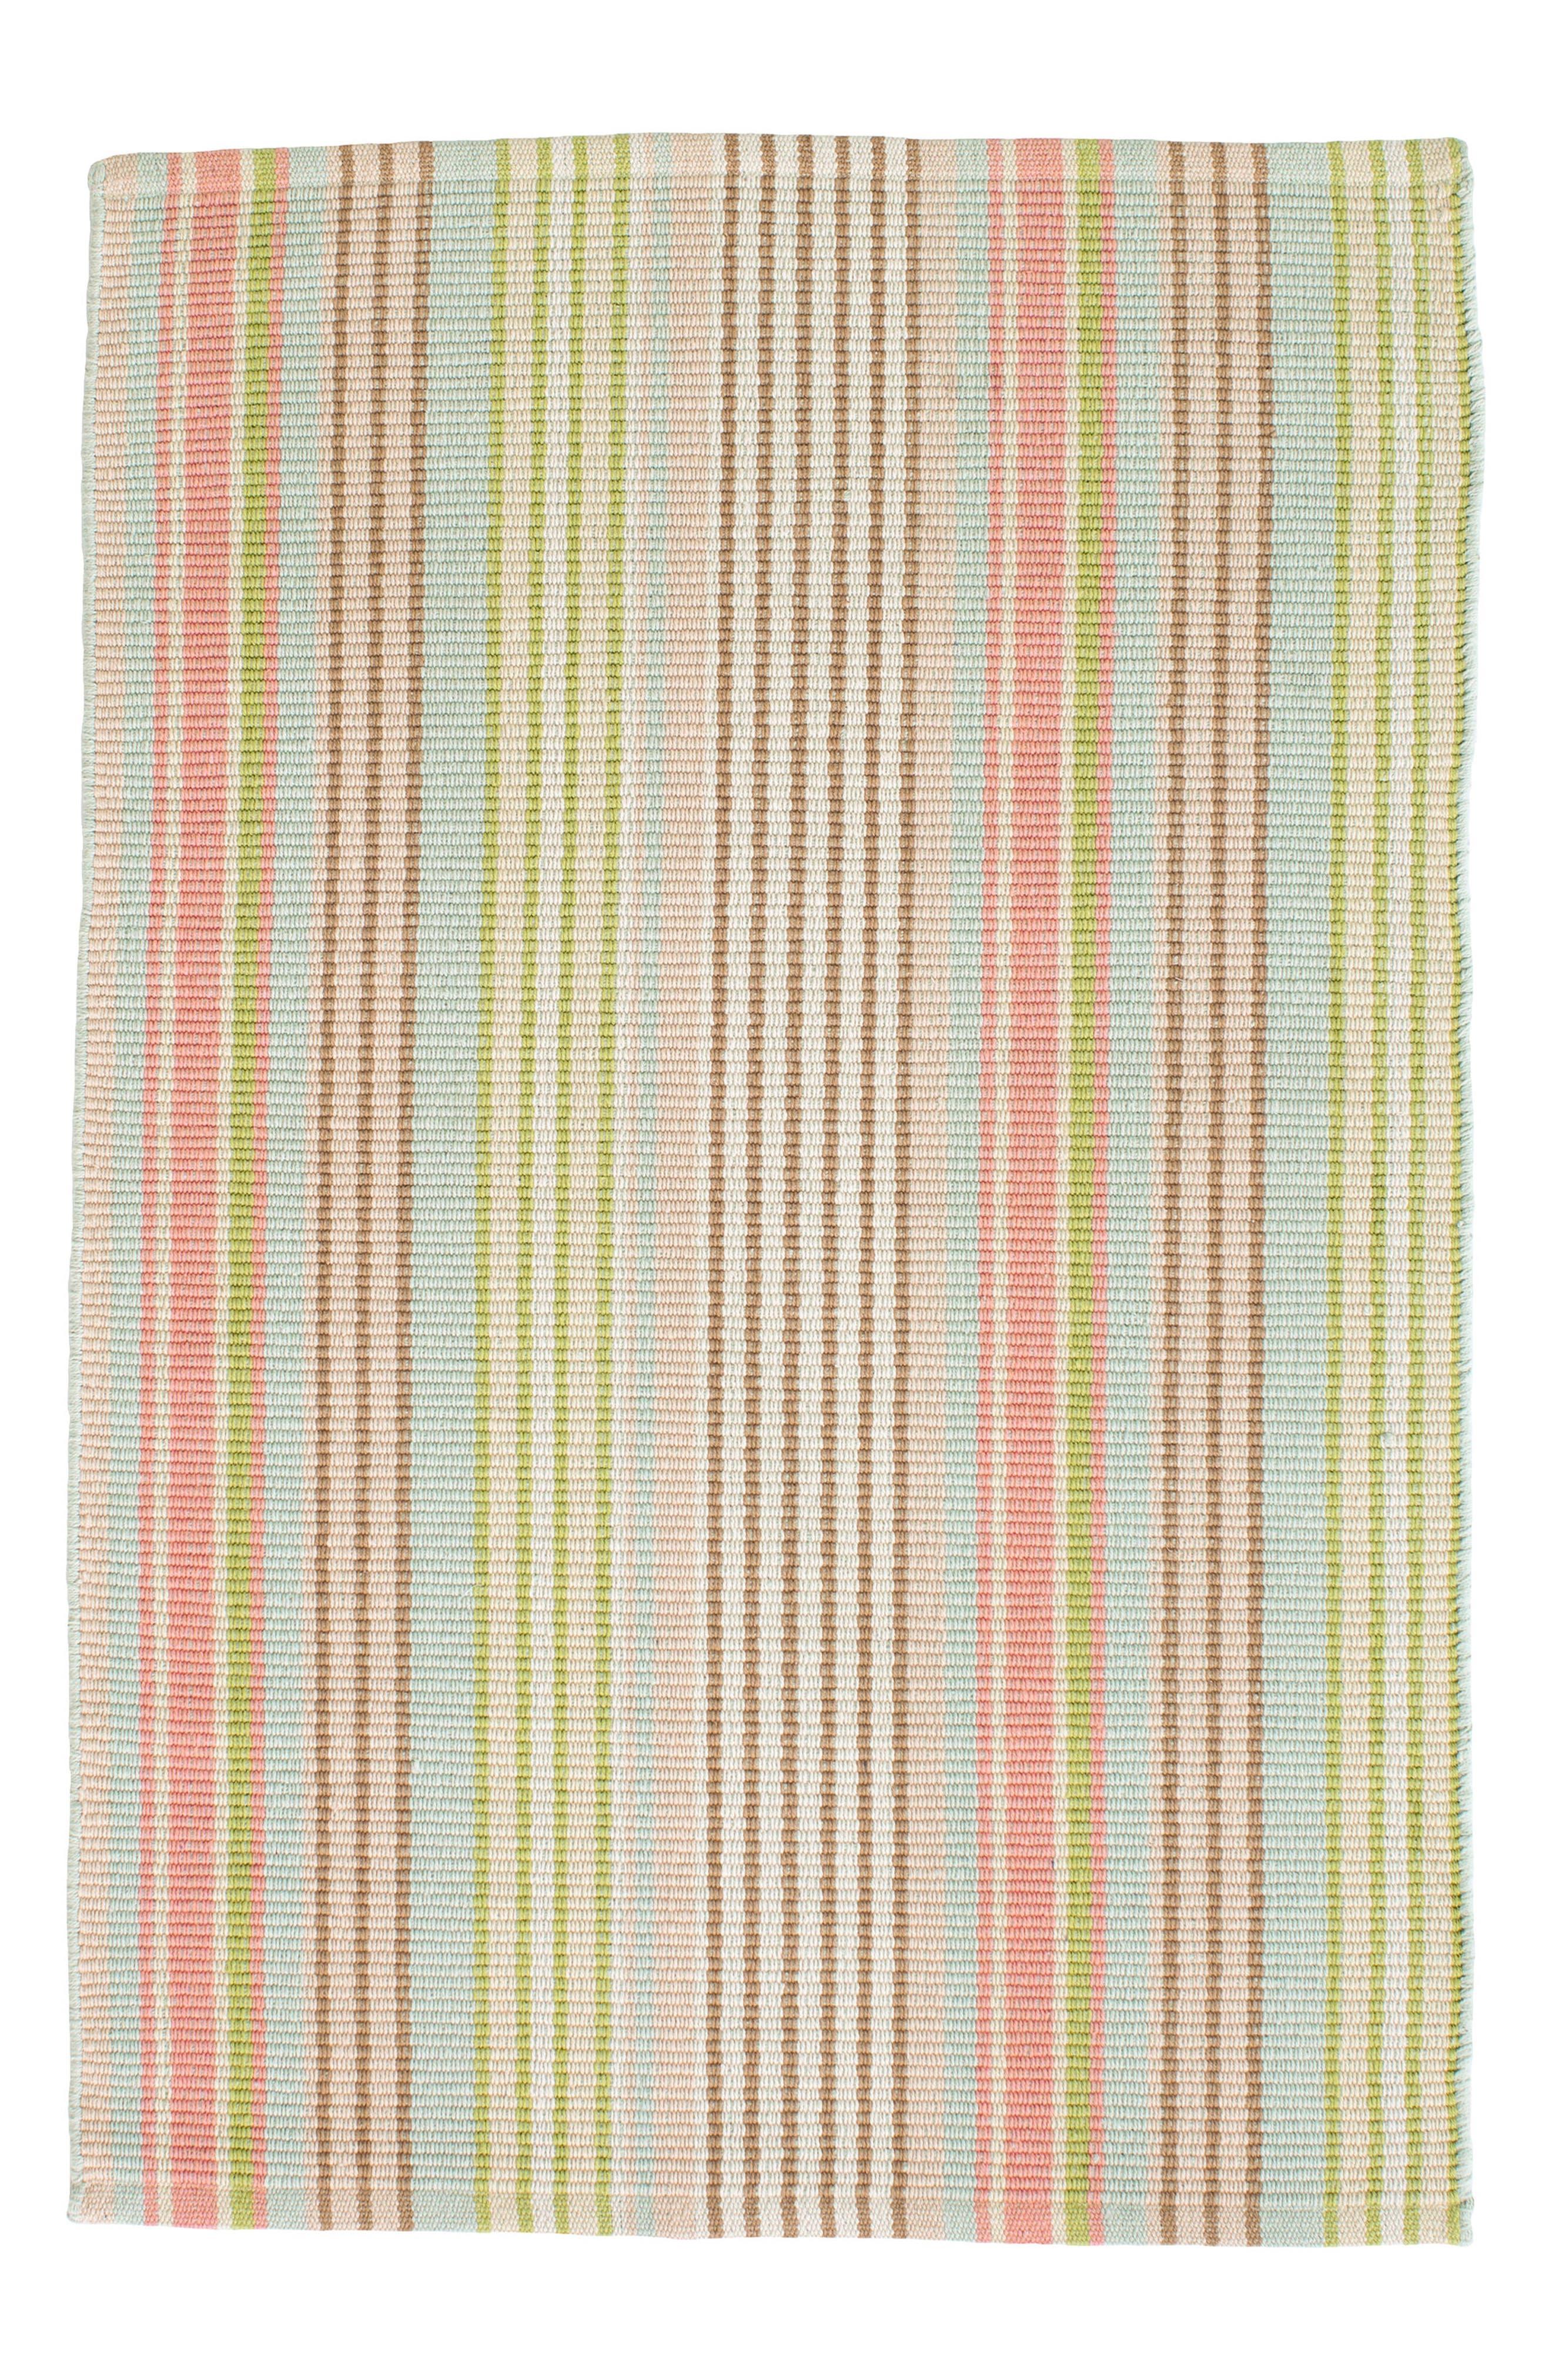 Ana Ticking Woven Rug,                         Main,                         color, AQUA